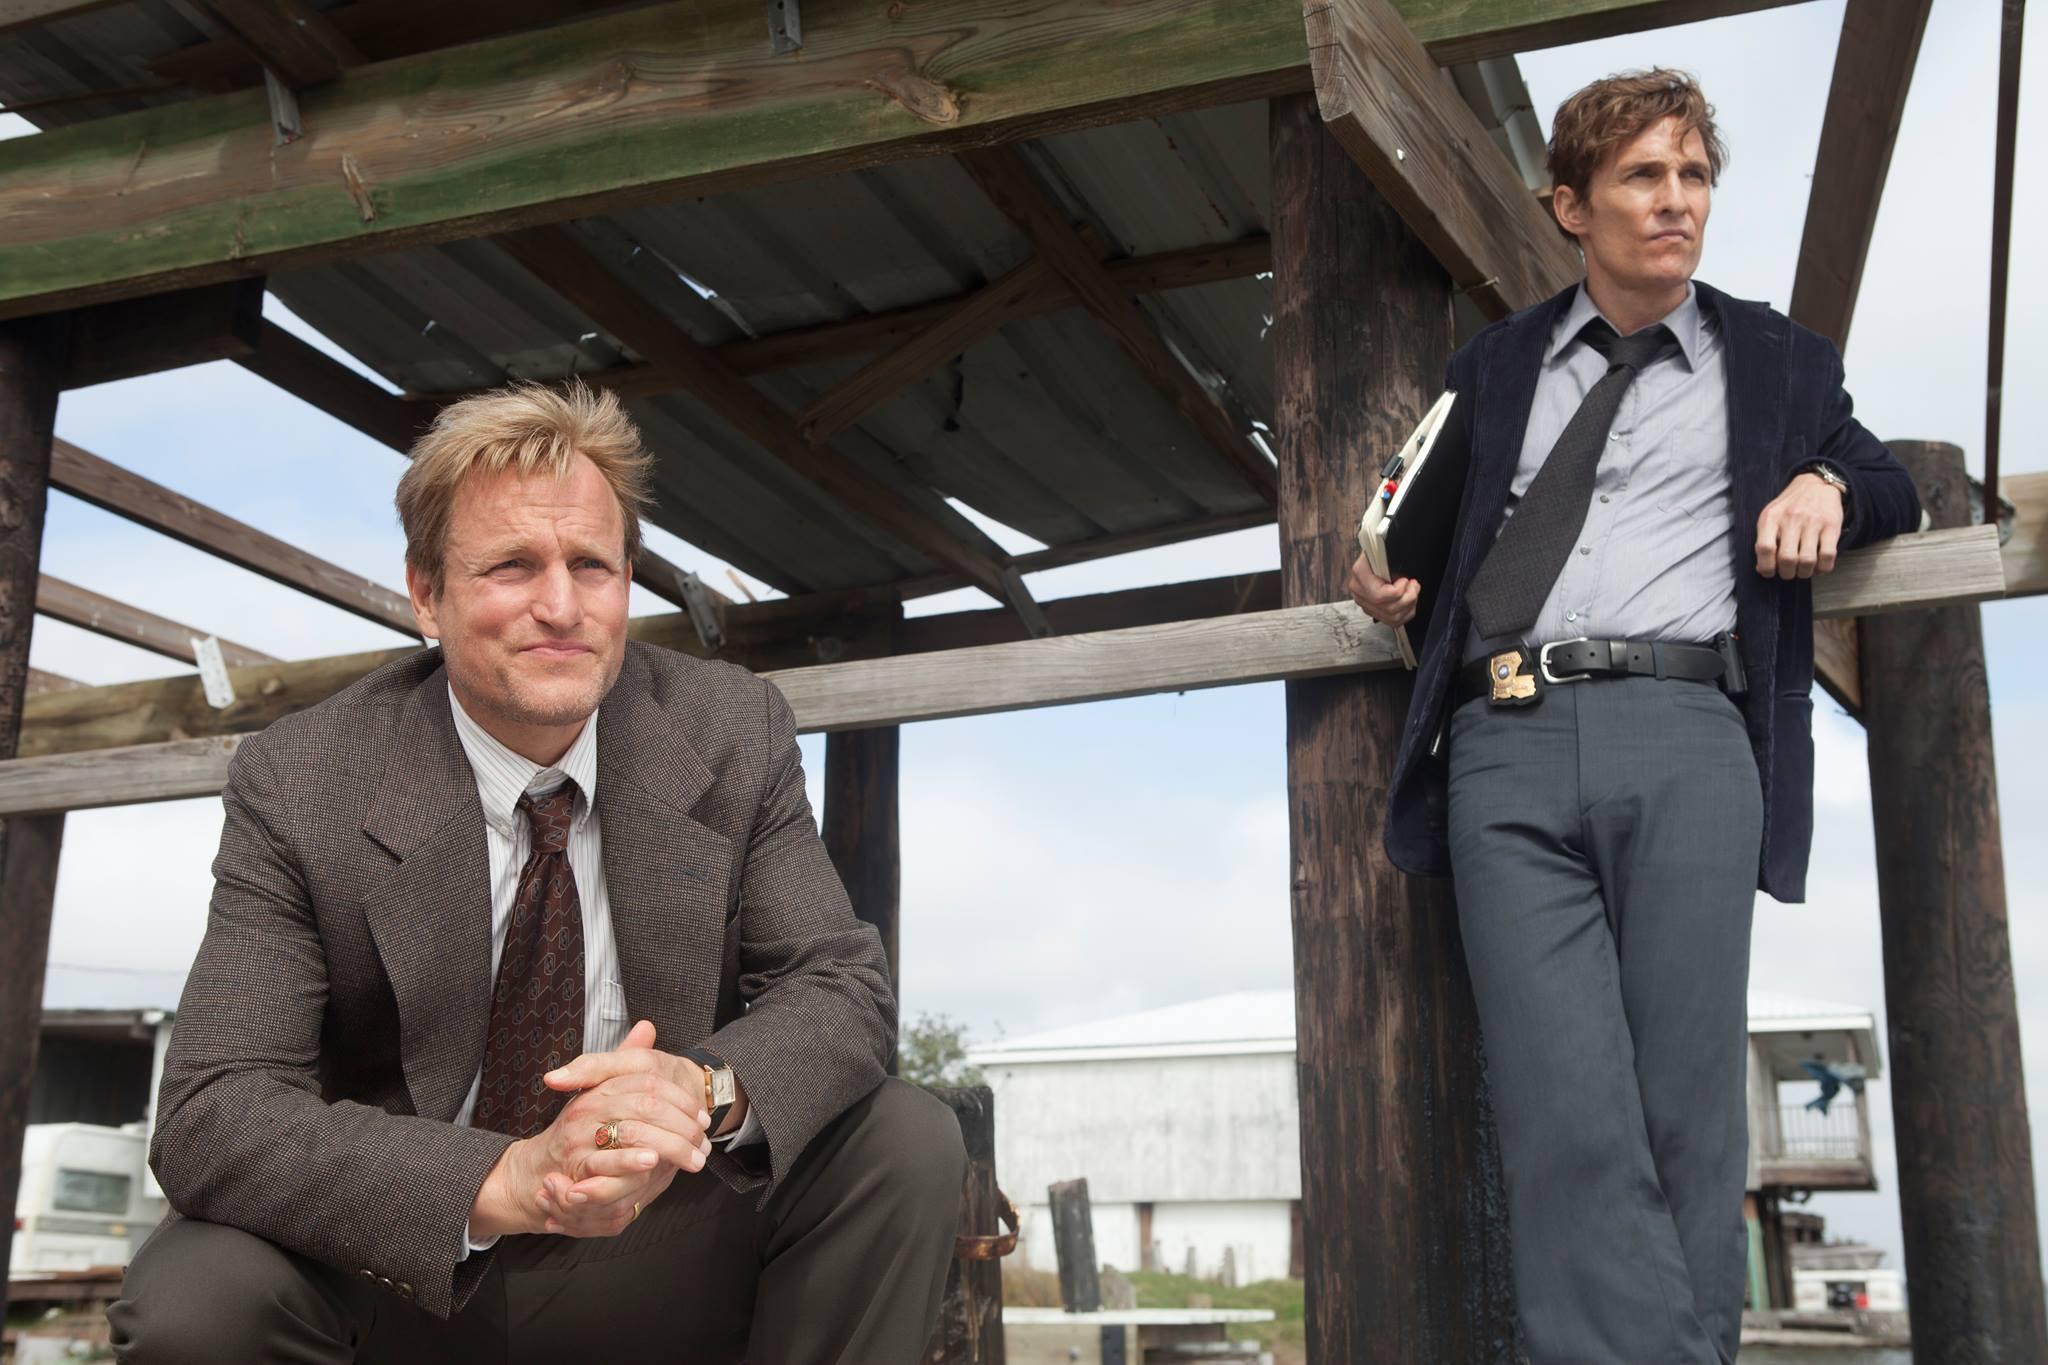 Colin Farrell a confirmat ca va juca in sezonul al doilea al serialului True Detective